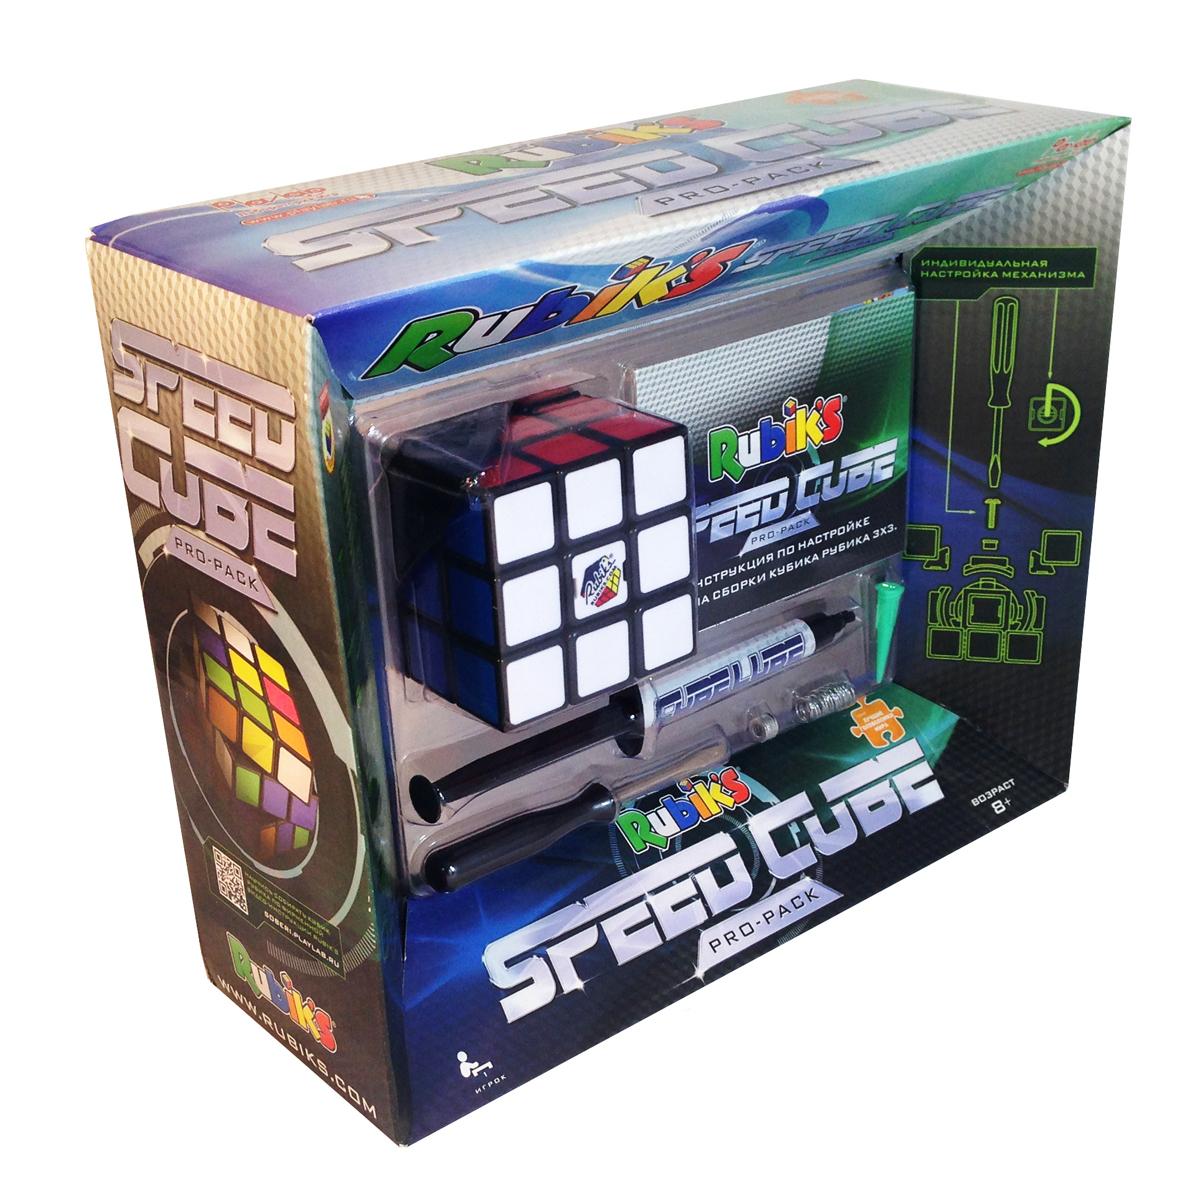 выборе парфюмерии профессиональные кубики рубика 3х3 том